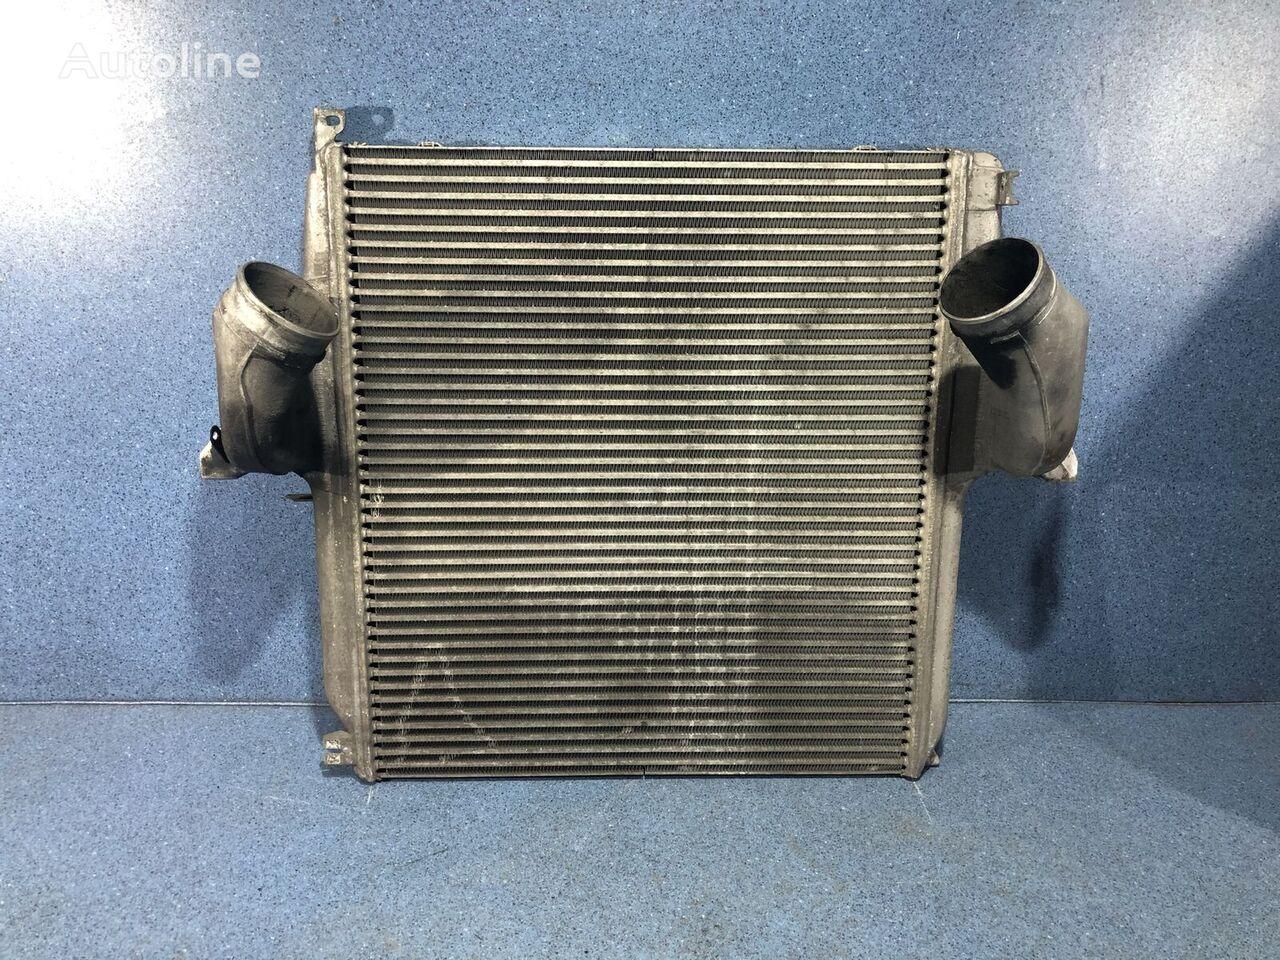 Interkuler engine cooling radiator for truck